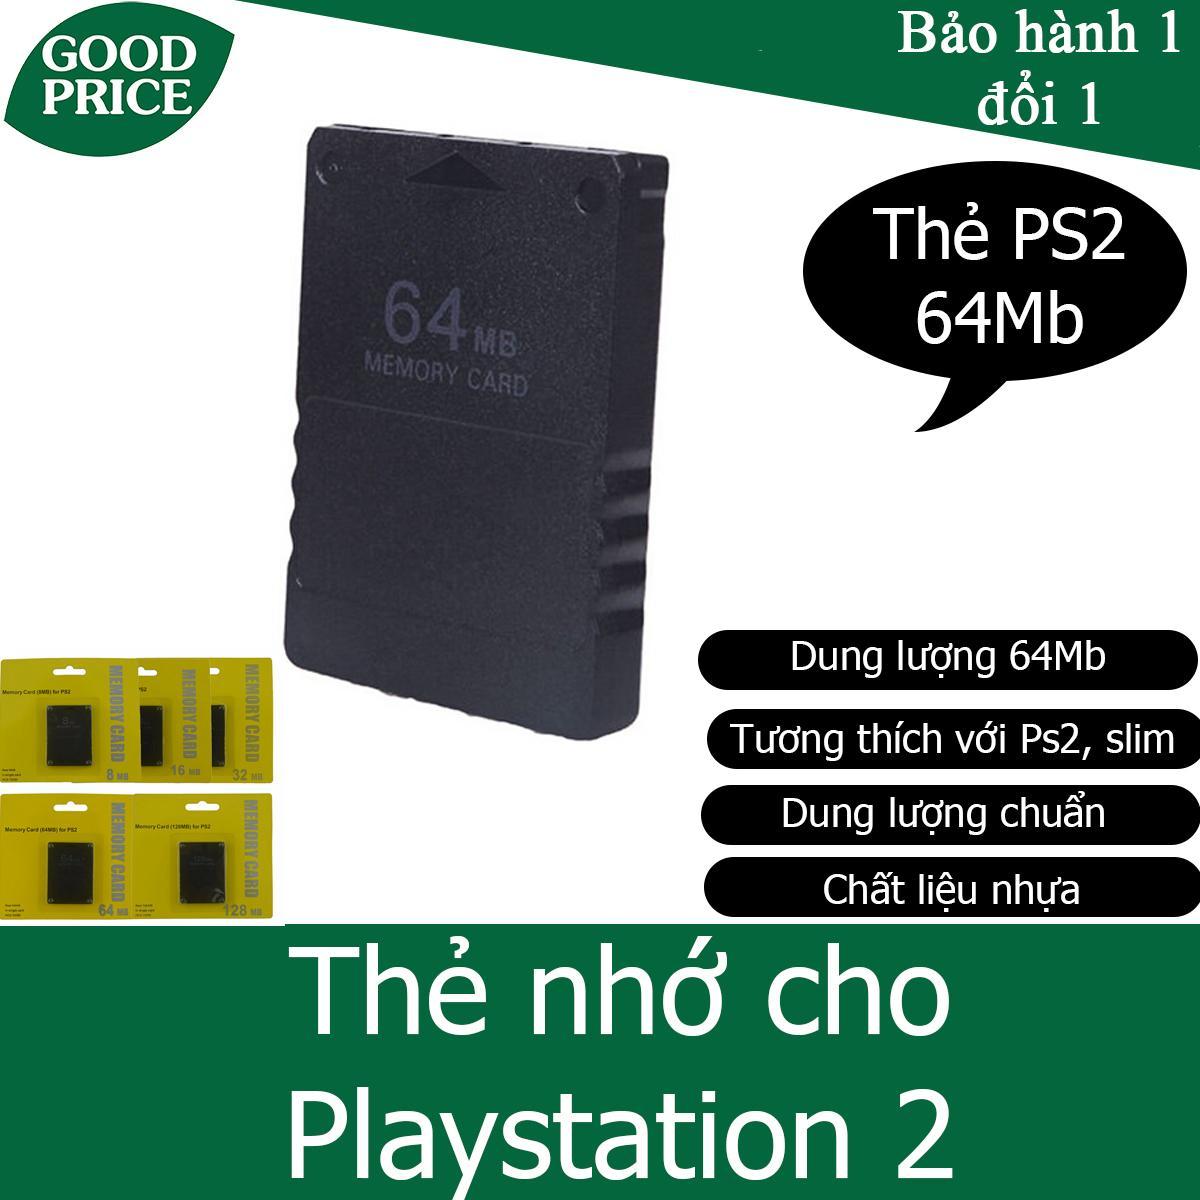 Thẻ nhớ cho máy chơi game Playstation 2, PS2 - dung lượng 64Mb